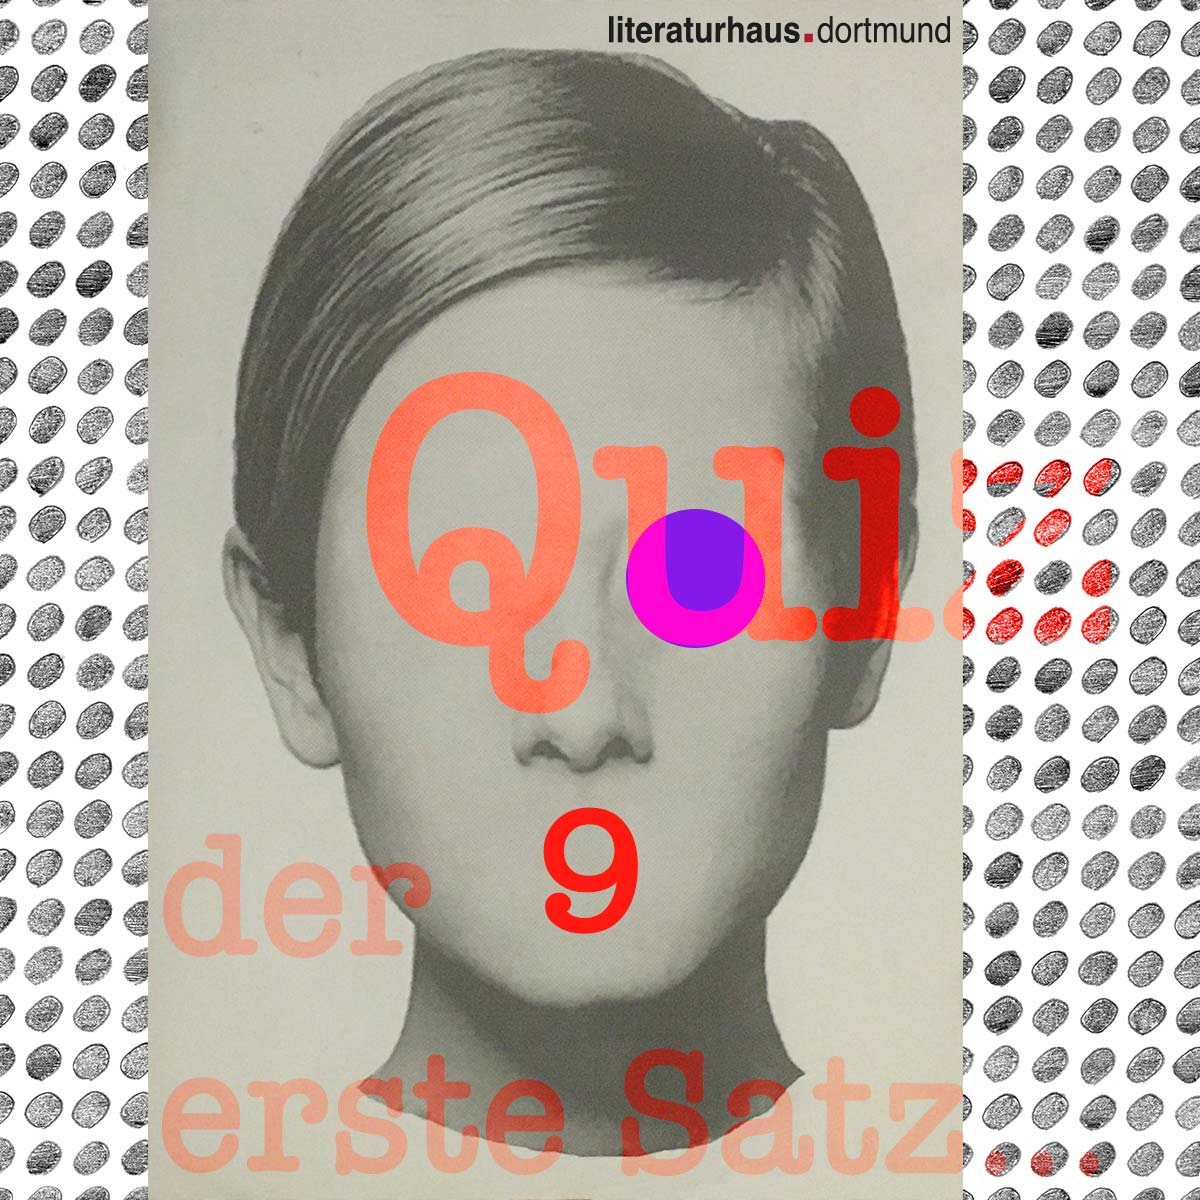 """Featured image for """"Quiz: Der erste Satz #9"""""""